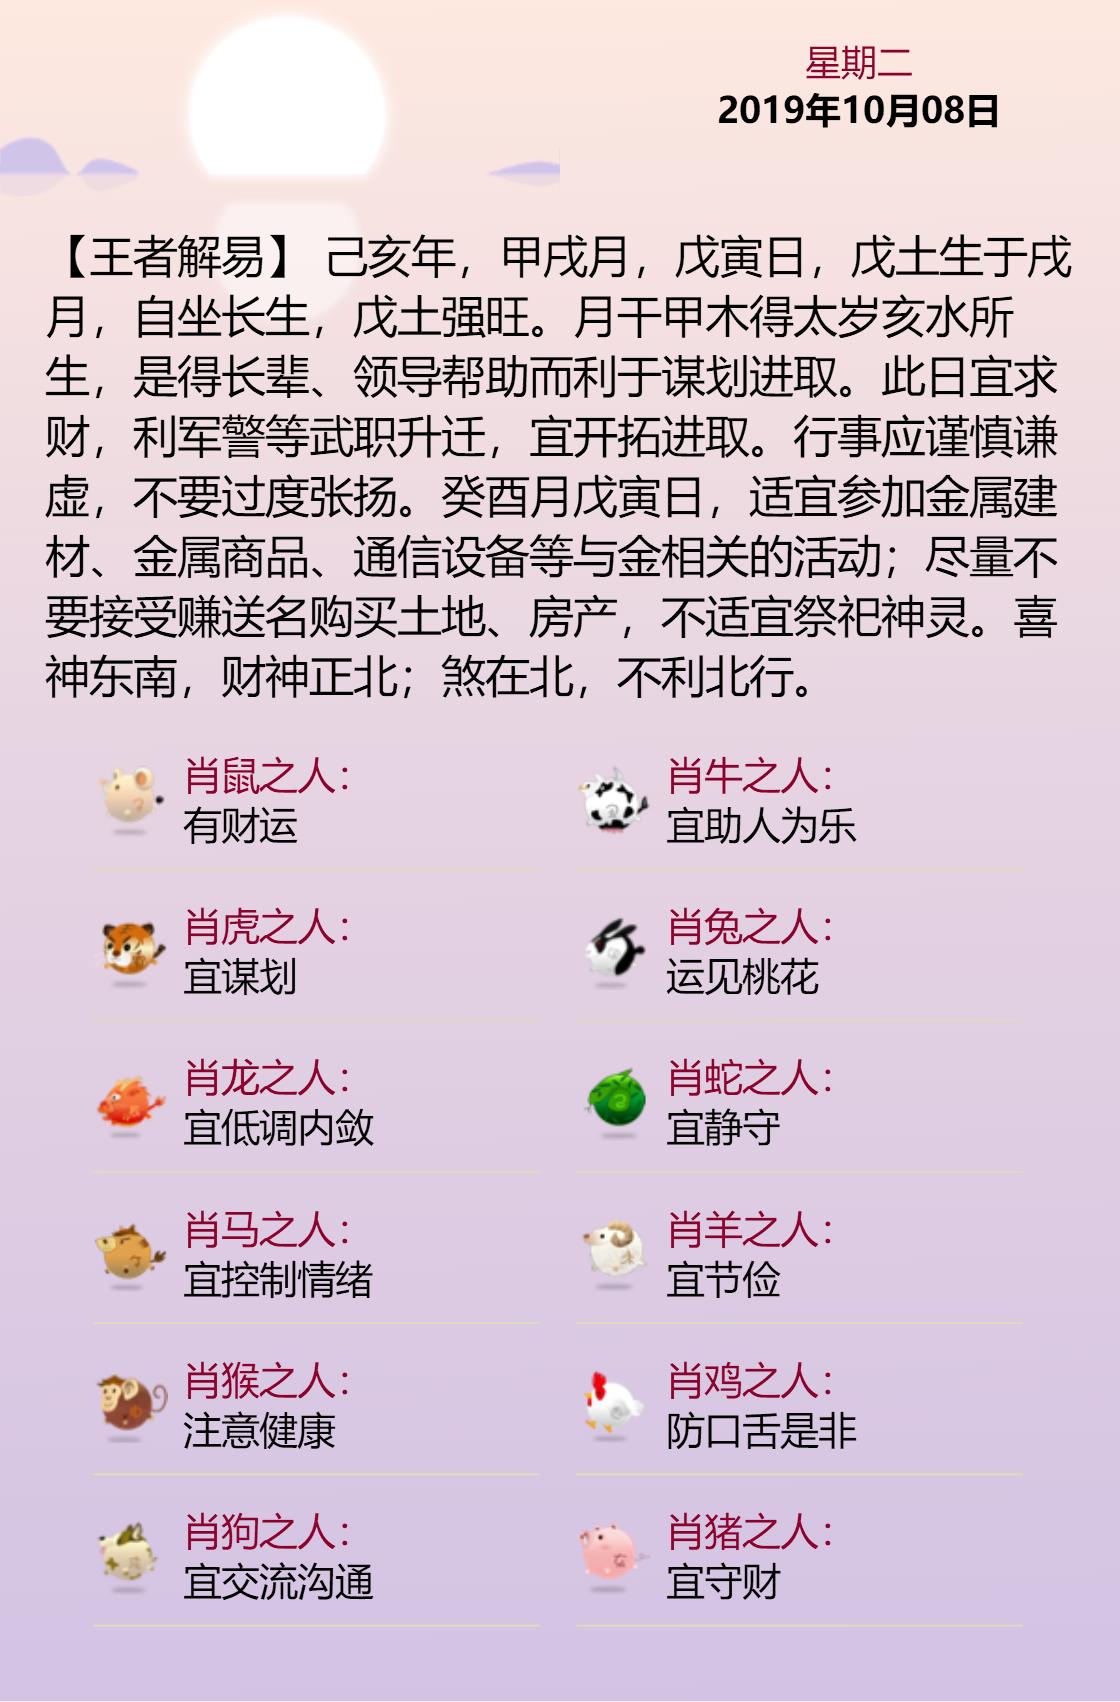 黄历海报20191008.png